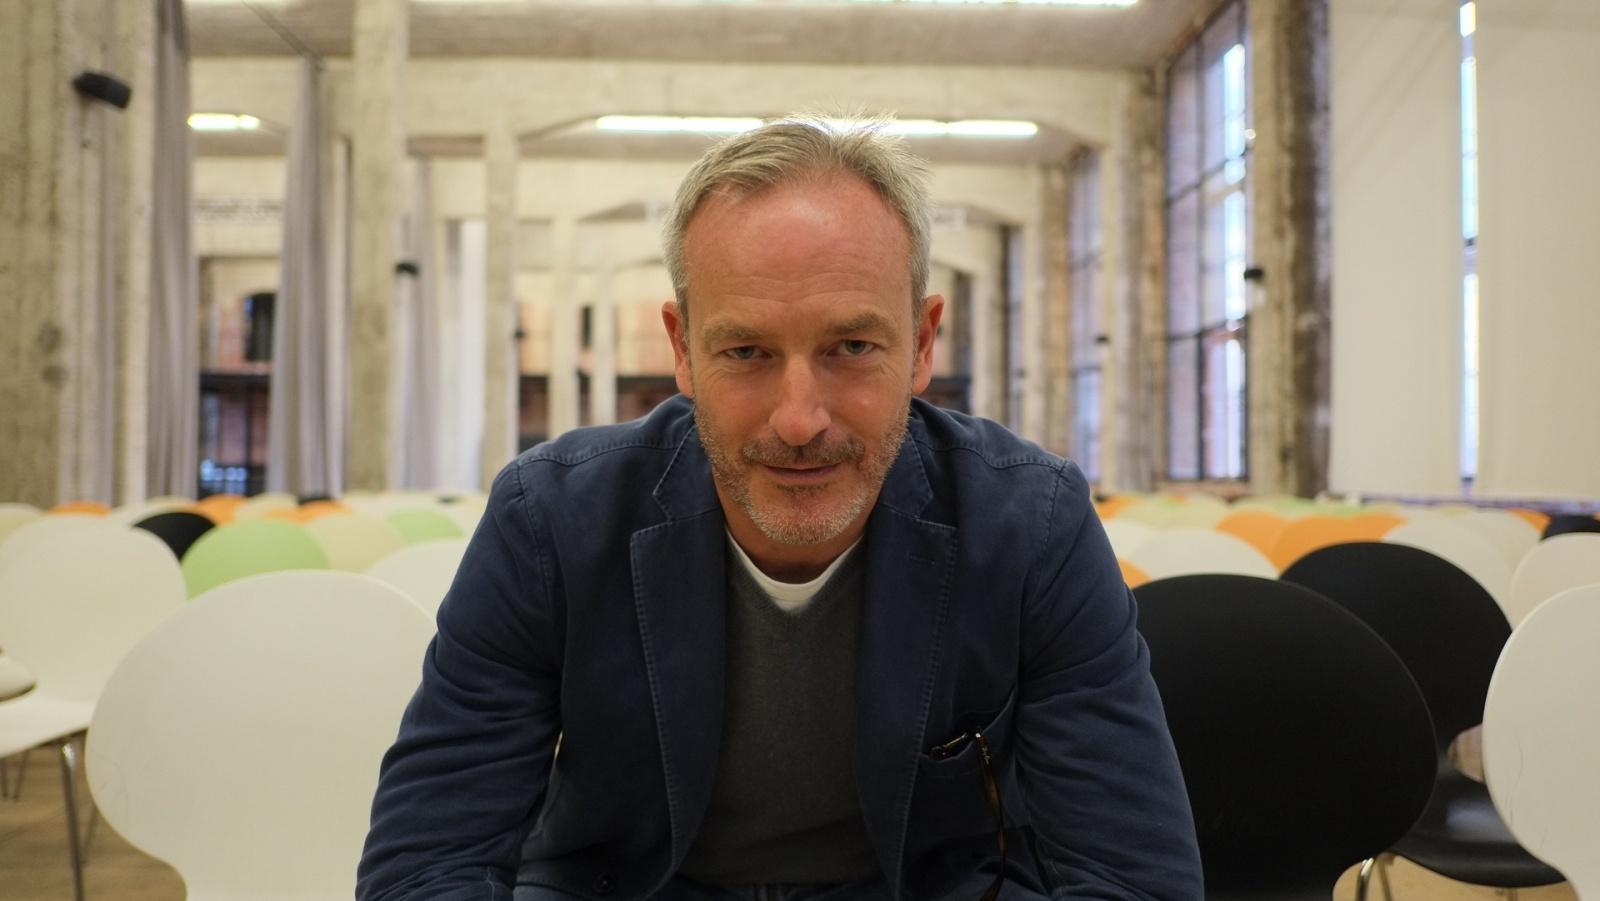 Большое интервью Саймона Данлопа — основателя Dream Industries: как вывести российские ИТ-продукты на мировой рынок - 1